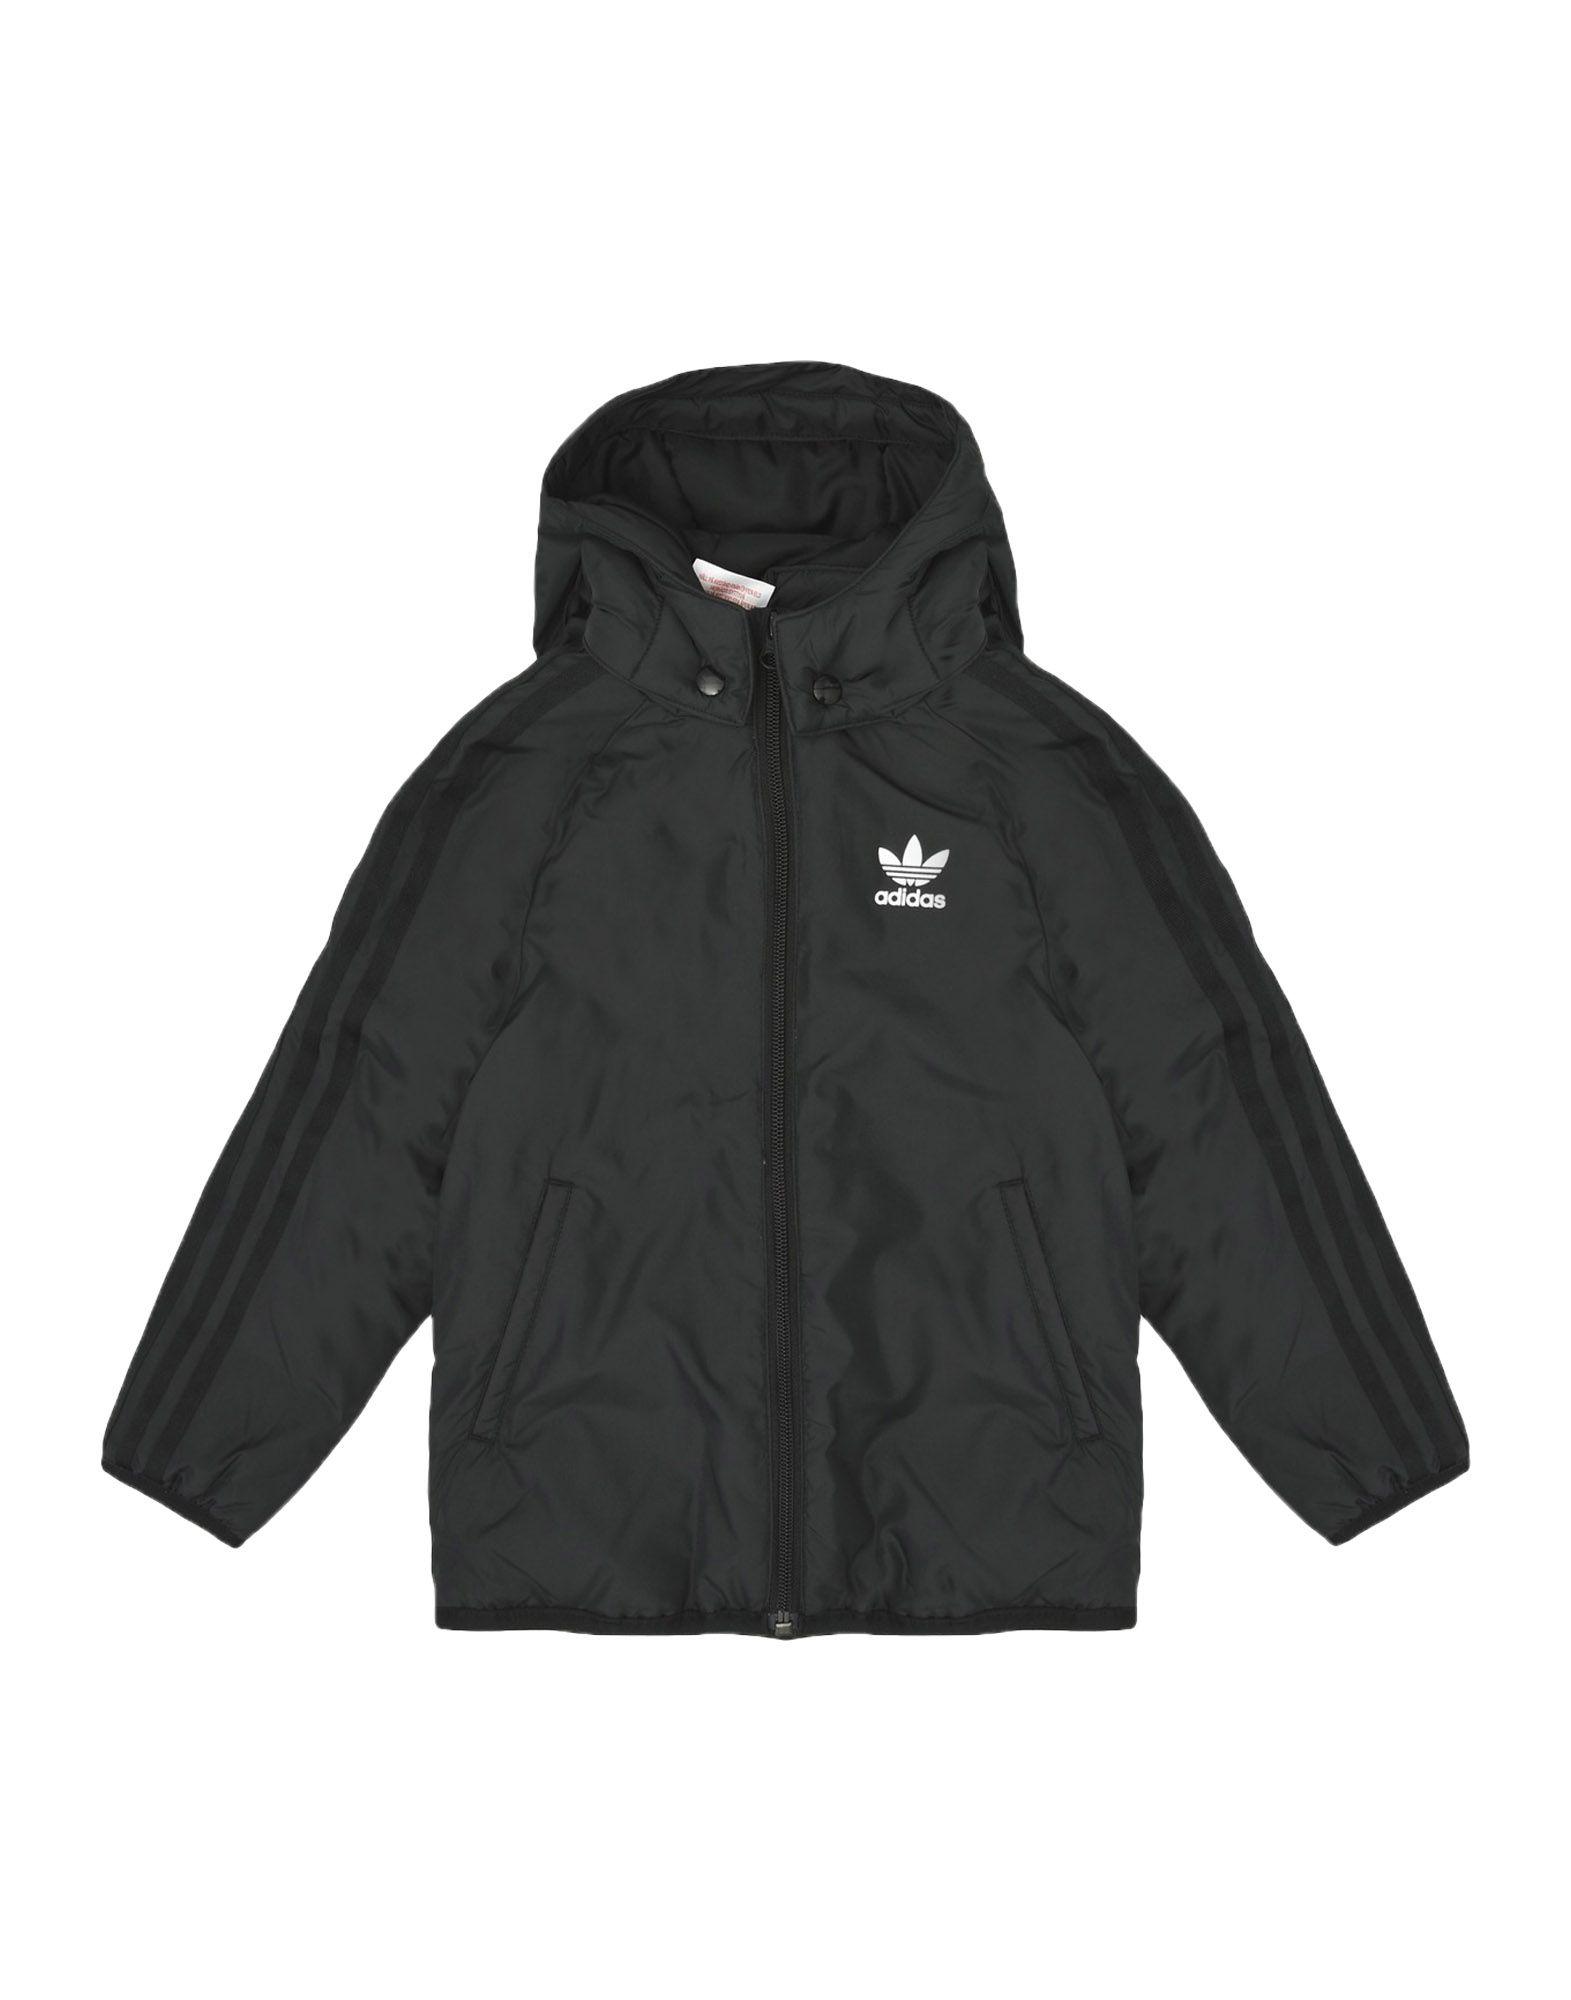 ADIDAS ORIGINALS | ADIDAS ORIGINALS Synthetic Down Jackets | Goxip